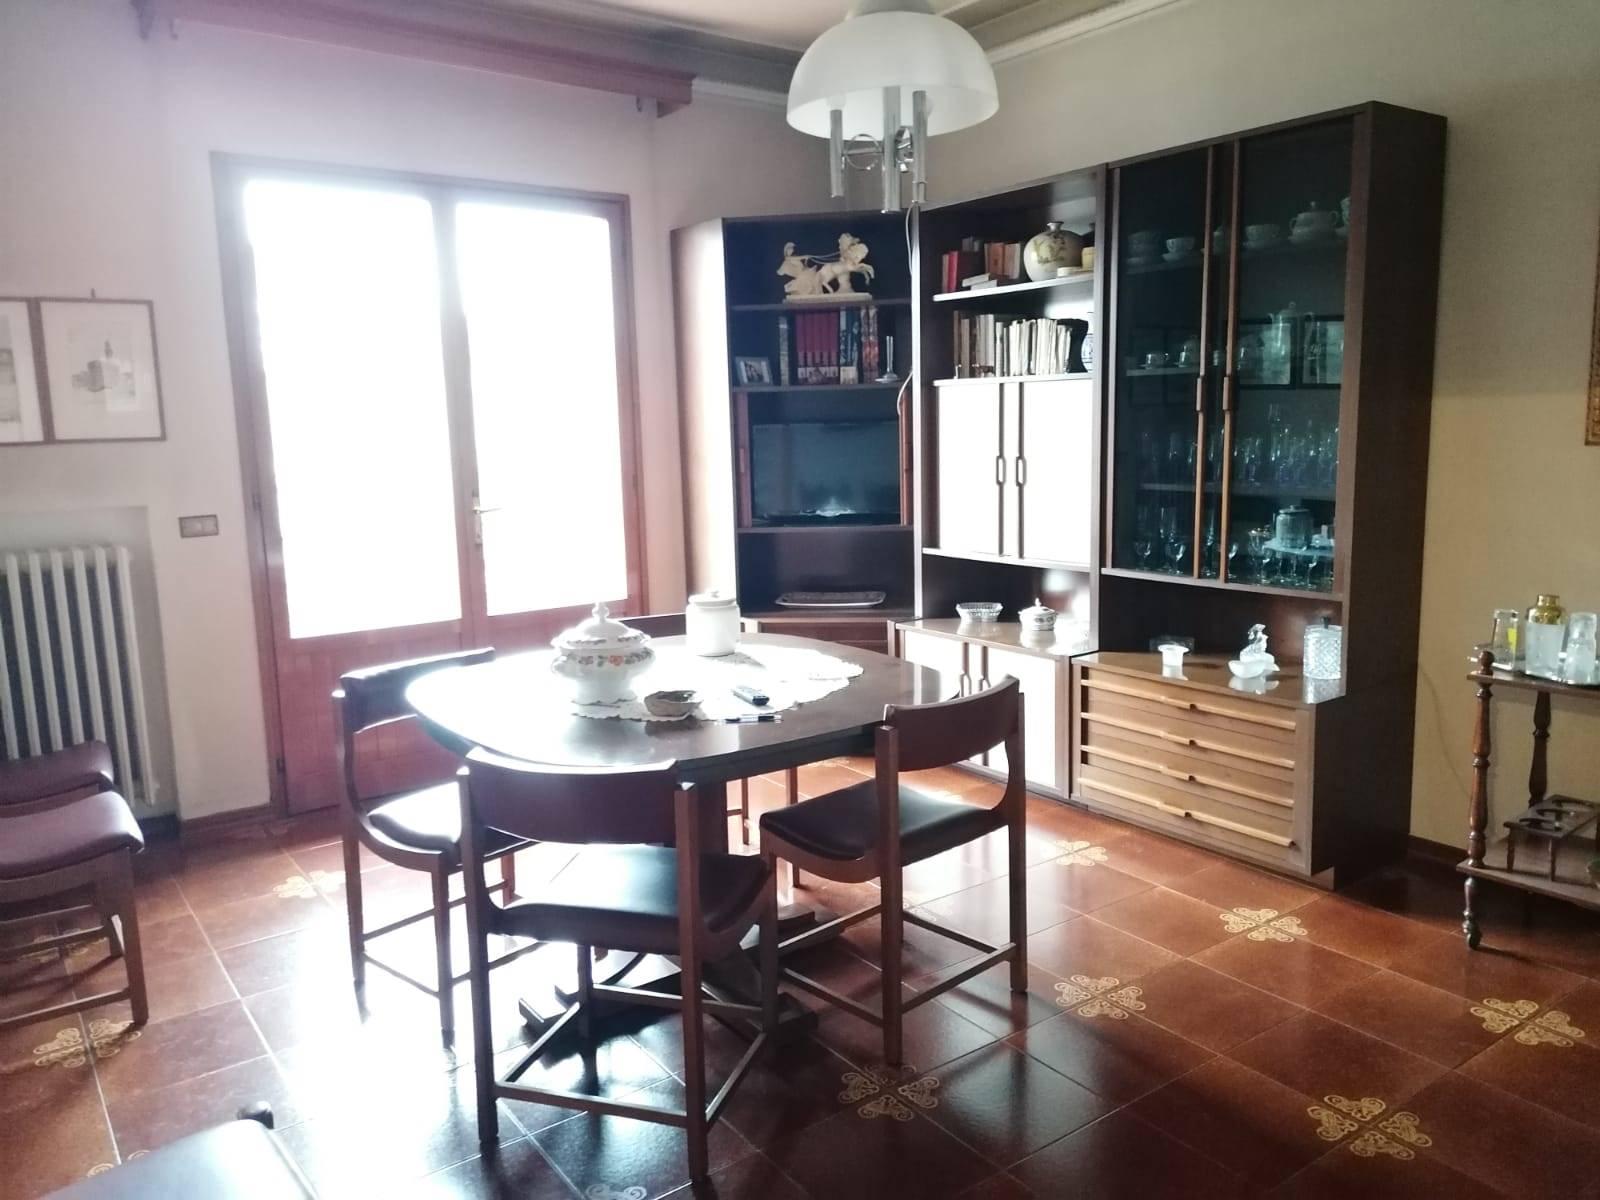 Villa in Vendita a Campi bisenzio zona  - immagine 30